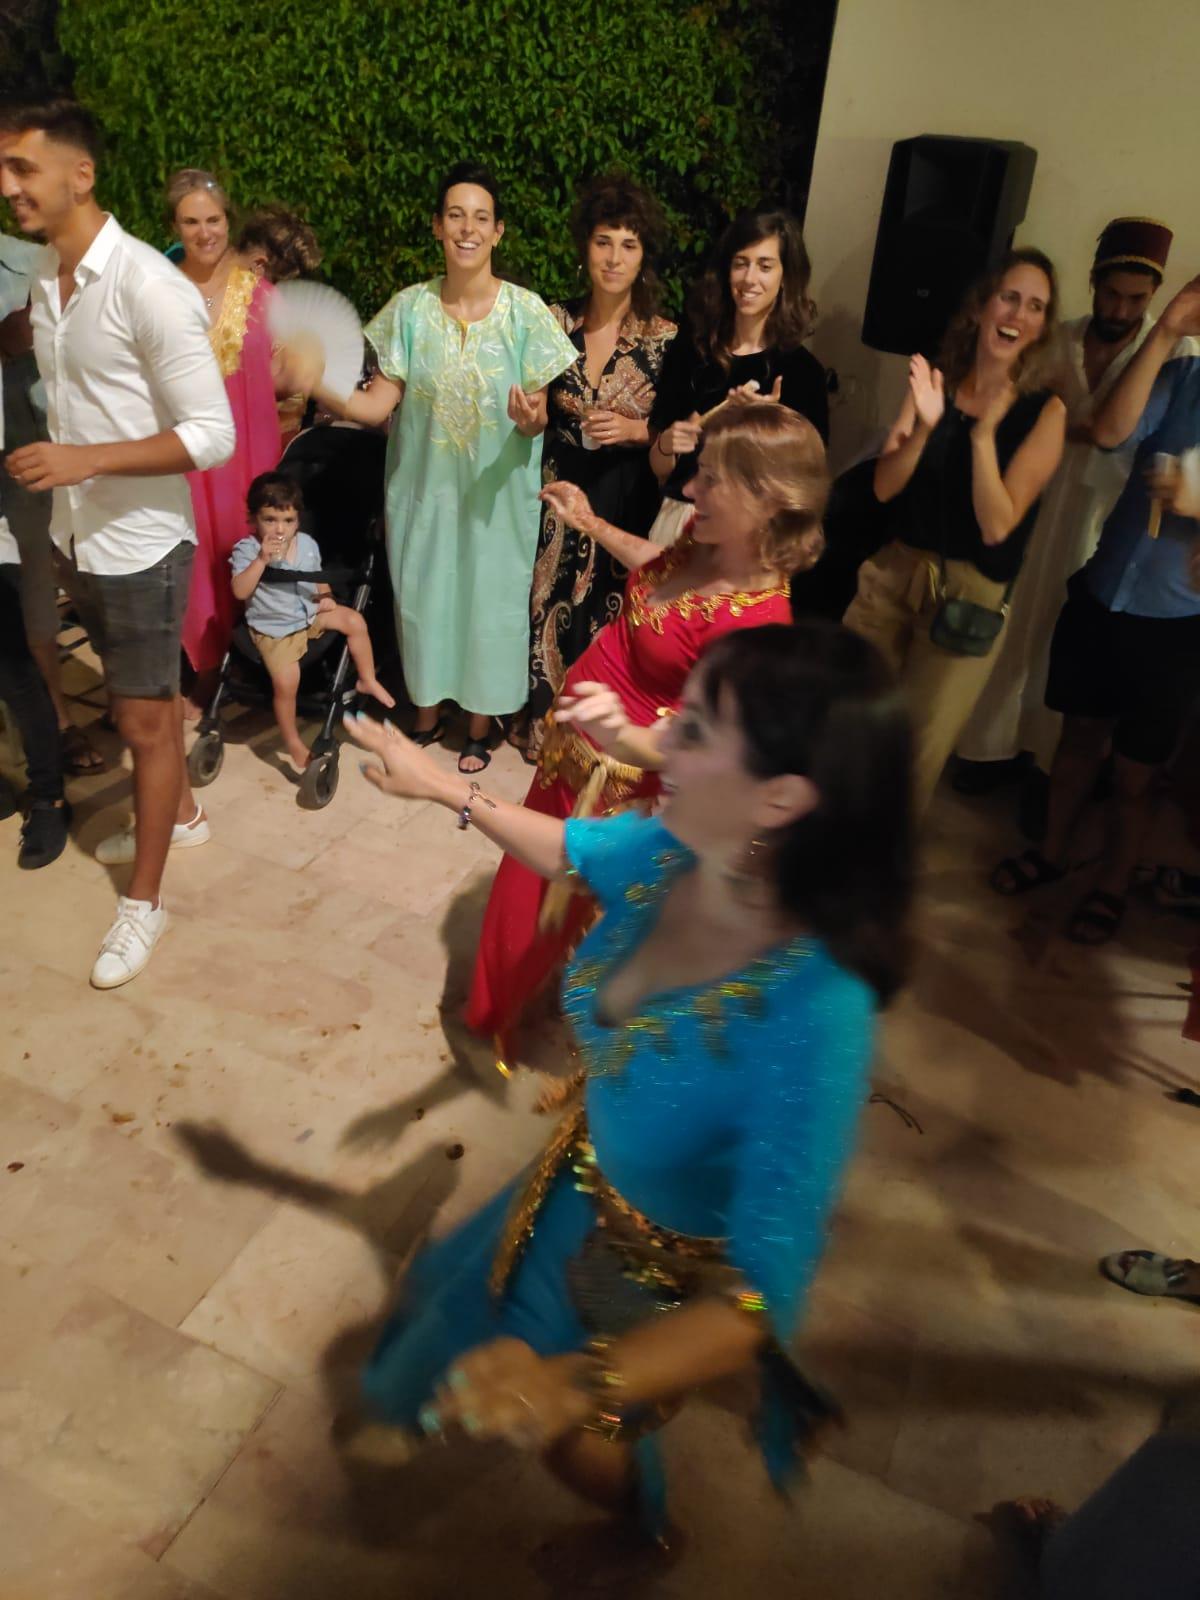 רקדנית בטן מיה טולדנו בערב מקווה